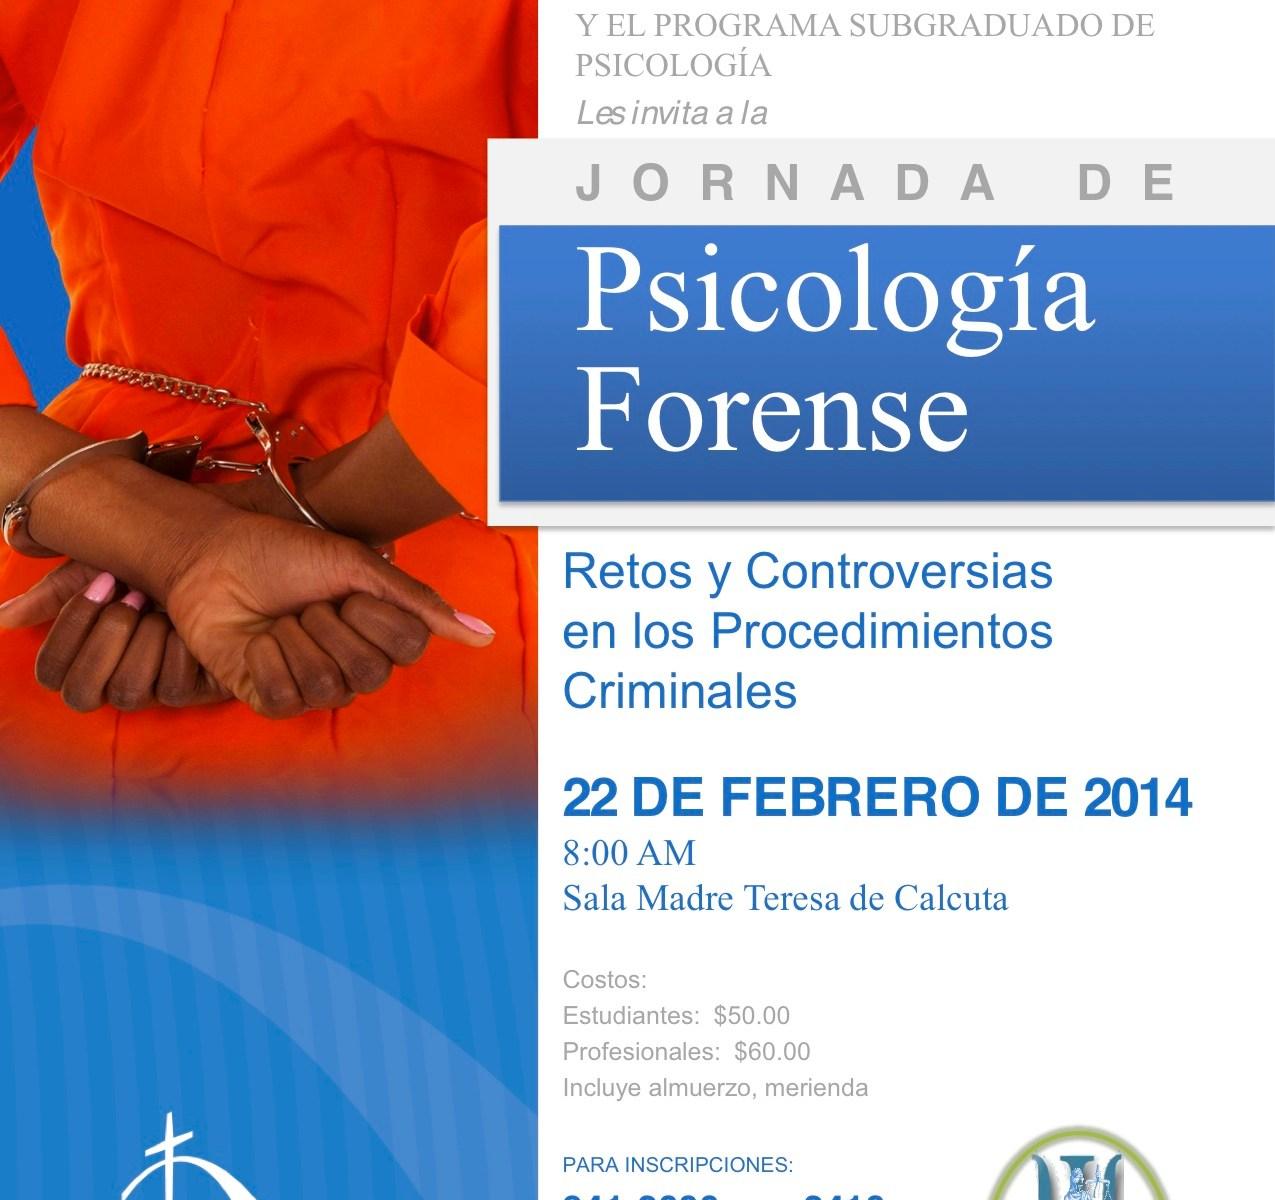 Jornada de Psicología Forense: Retos y Controversias en los Procedimientos Criminales